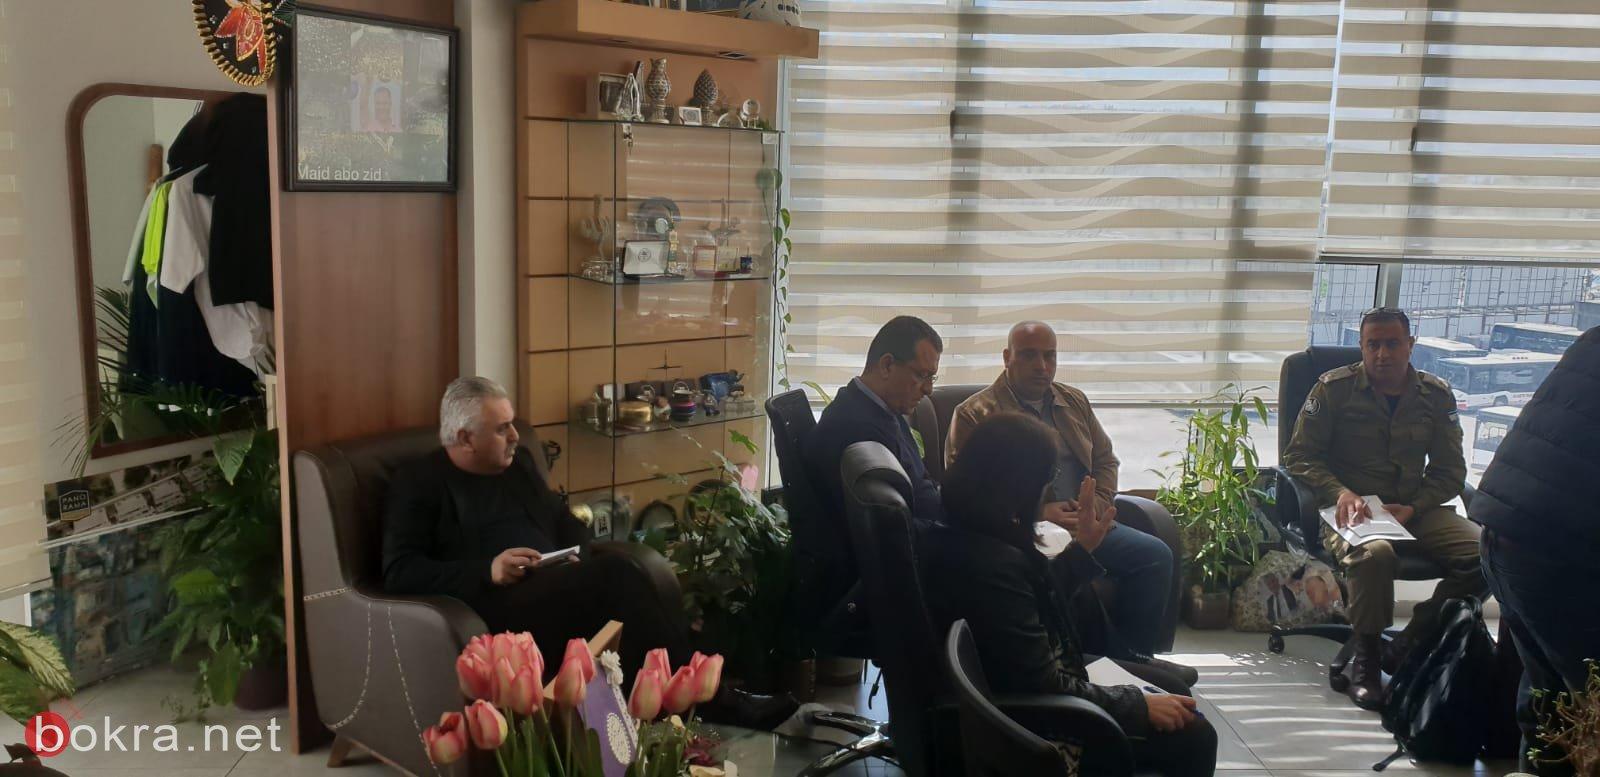 جلسة عمل مع قيادة الشرطة وقائد الجبهة الداخلية في بلدية الناصرة-2